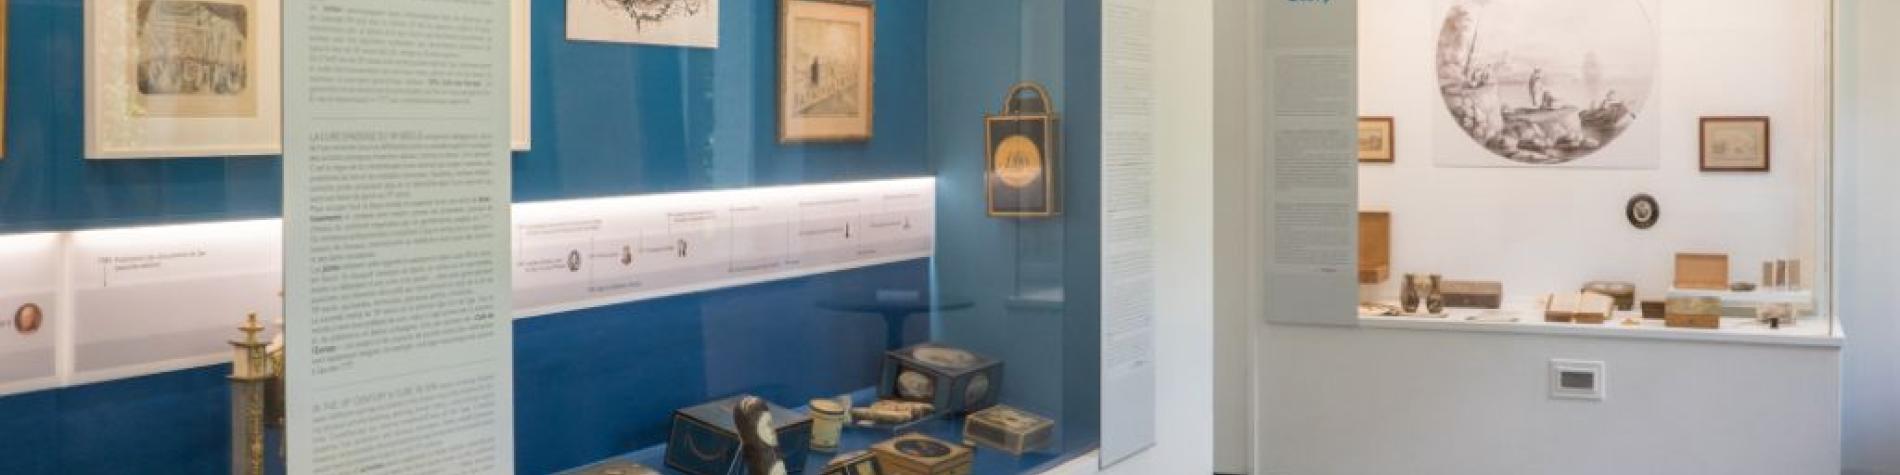 Entdecken Sie das Goldene Buch Balmoral im Museum der Stadt des Wassers in Spa